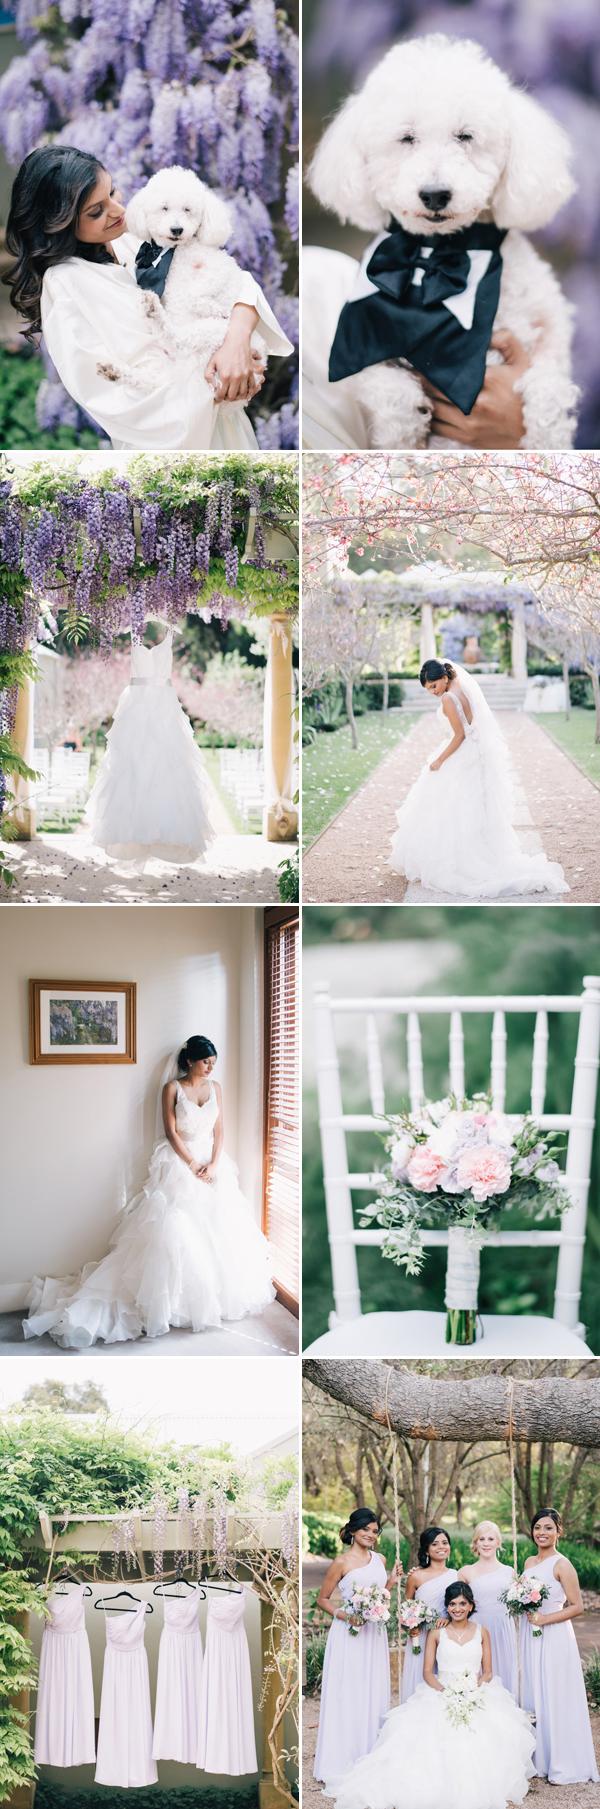 Dorable Secret Garden Wedding Theme Ideas Composition - The Wedding ...